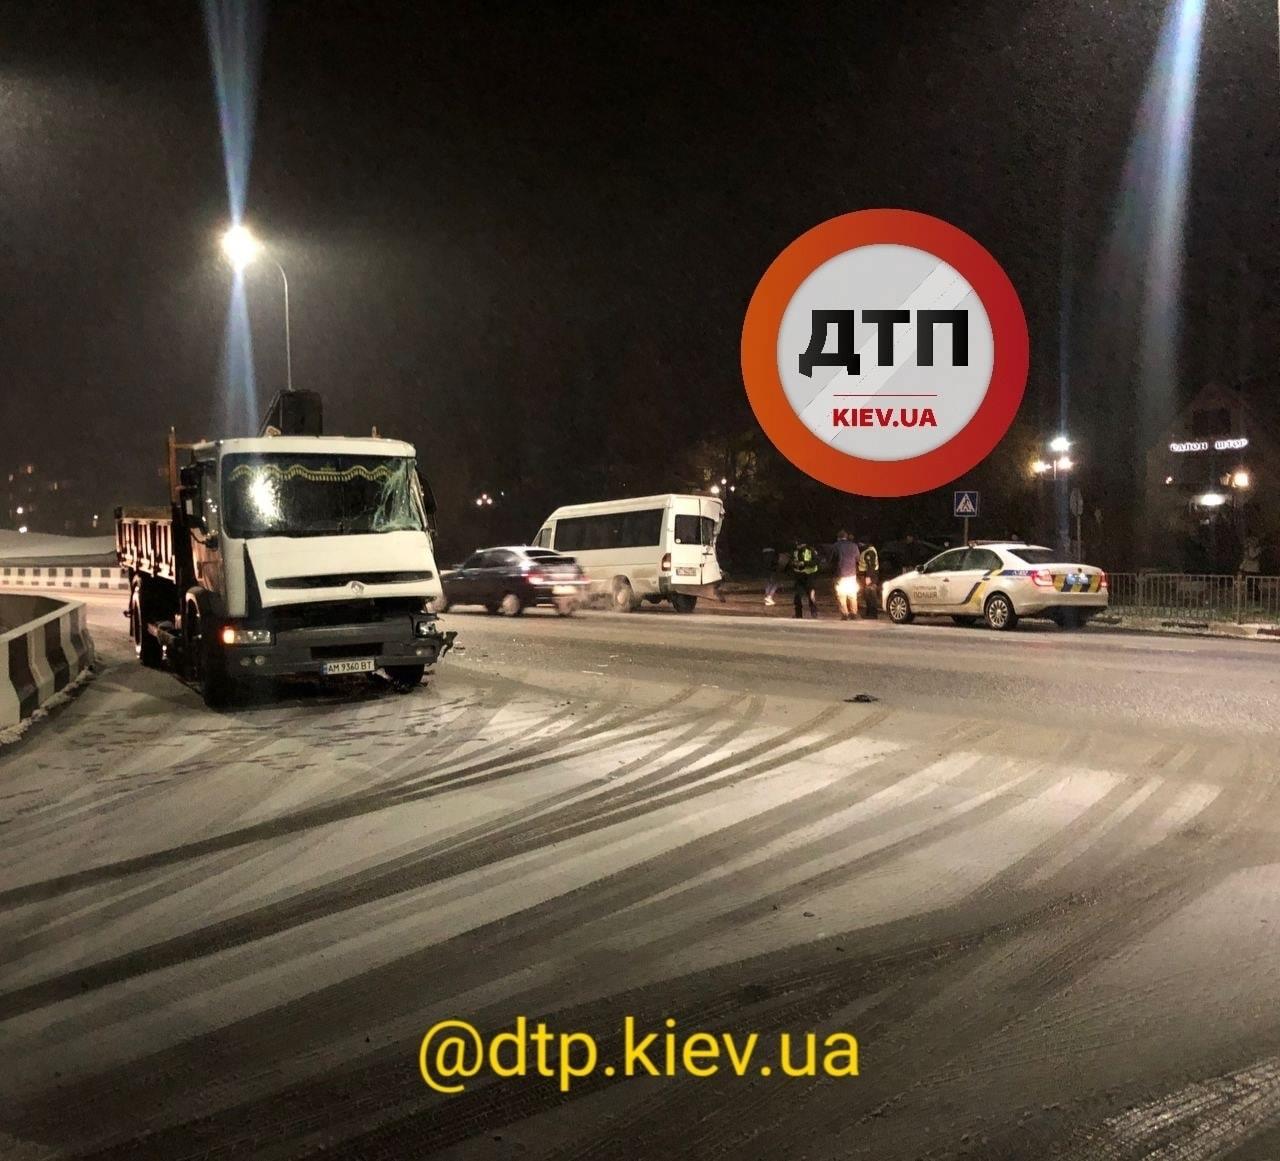 Під Києвом після снігопаду вантажівка зіштовхнулася з маршруткою - Аварія на дорозі, Аварія - 18 dtp